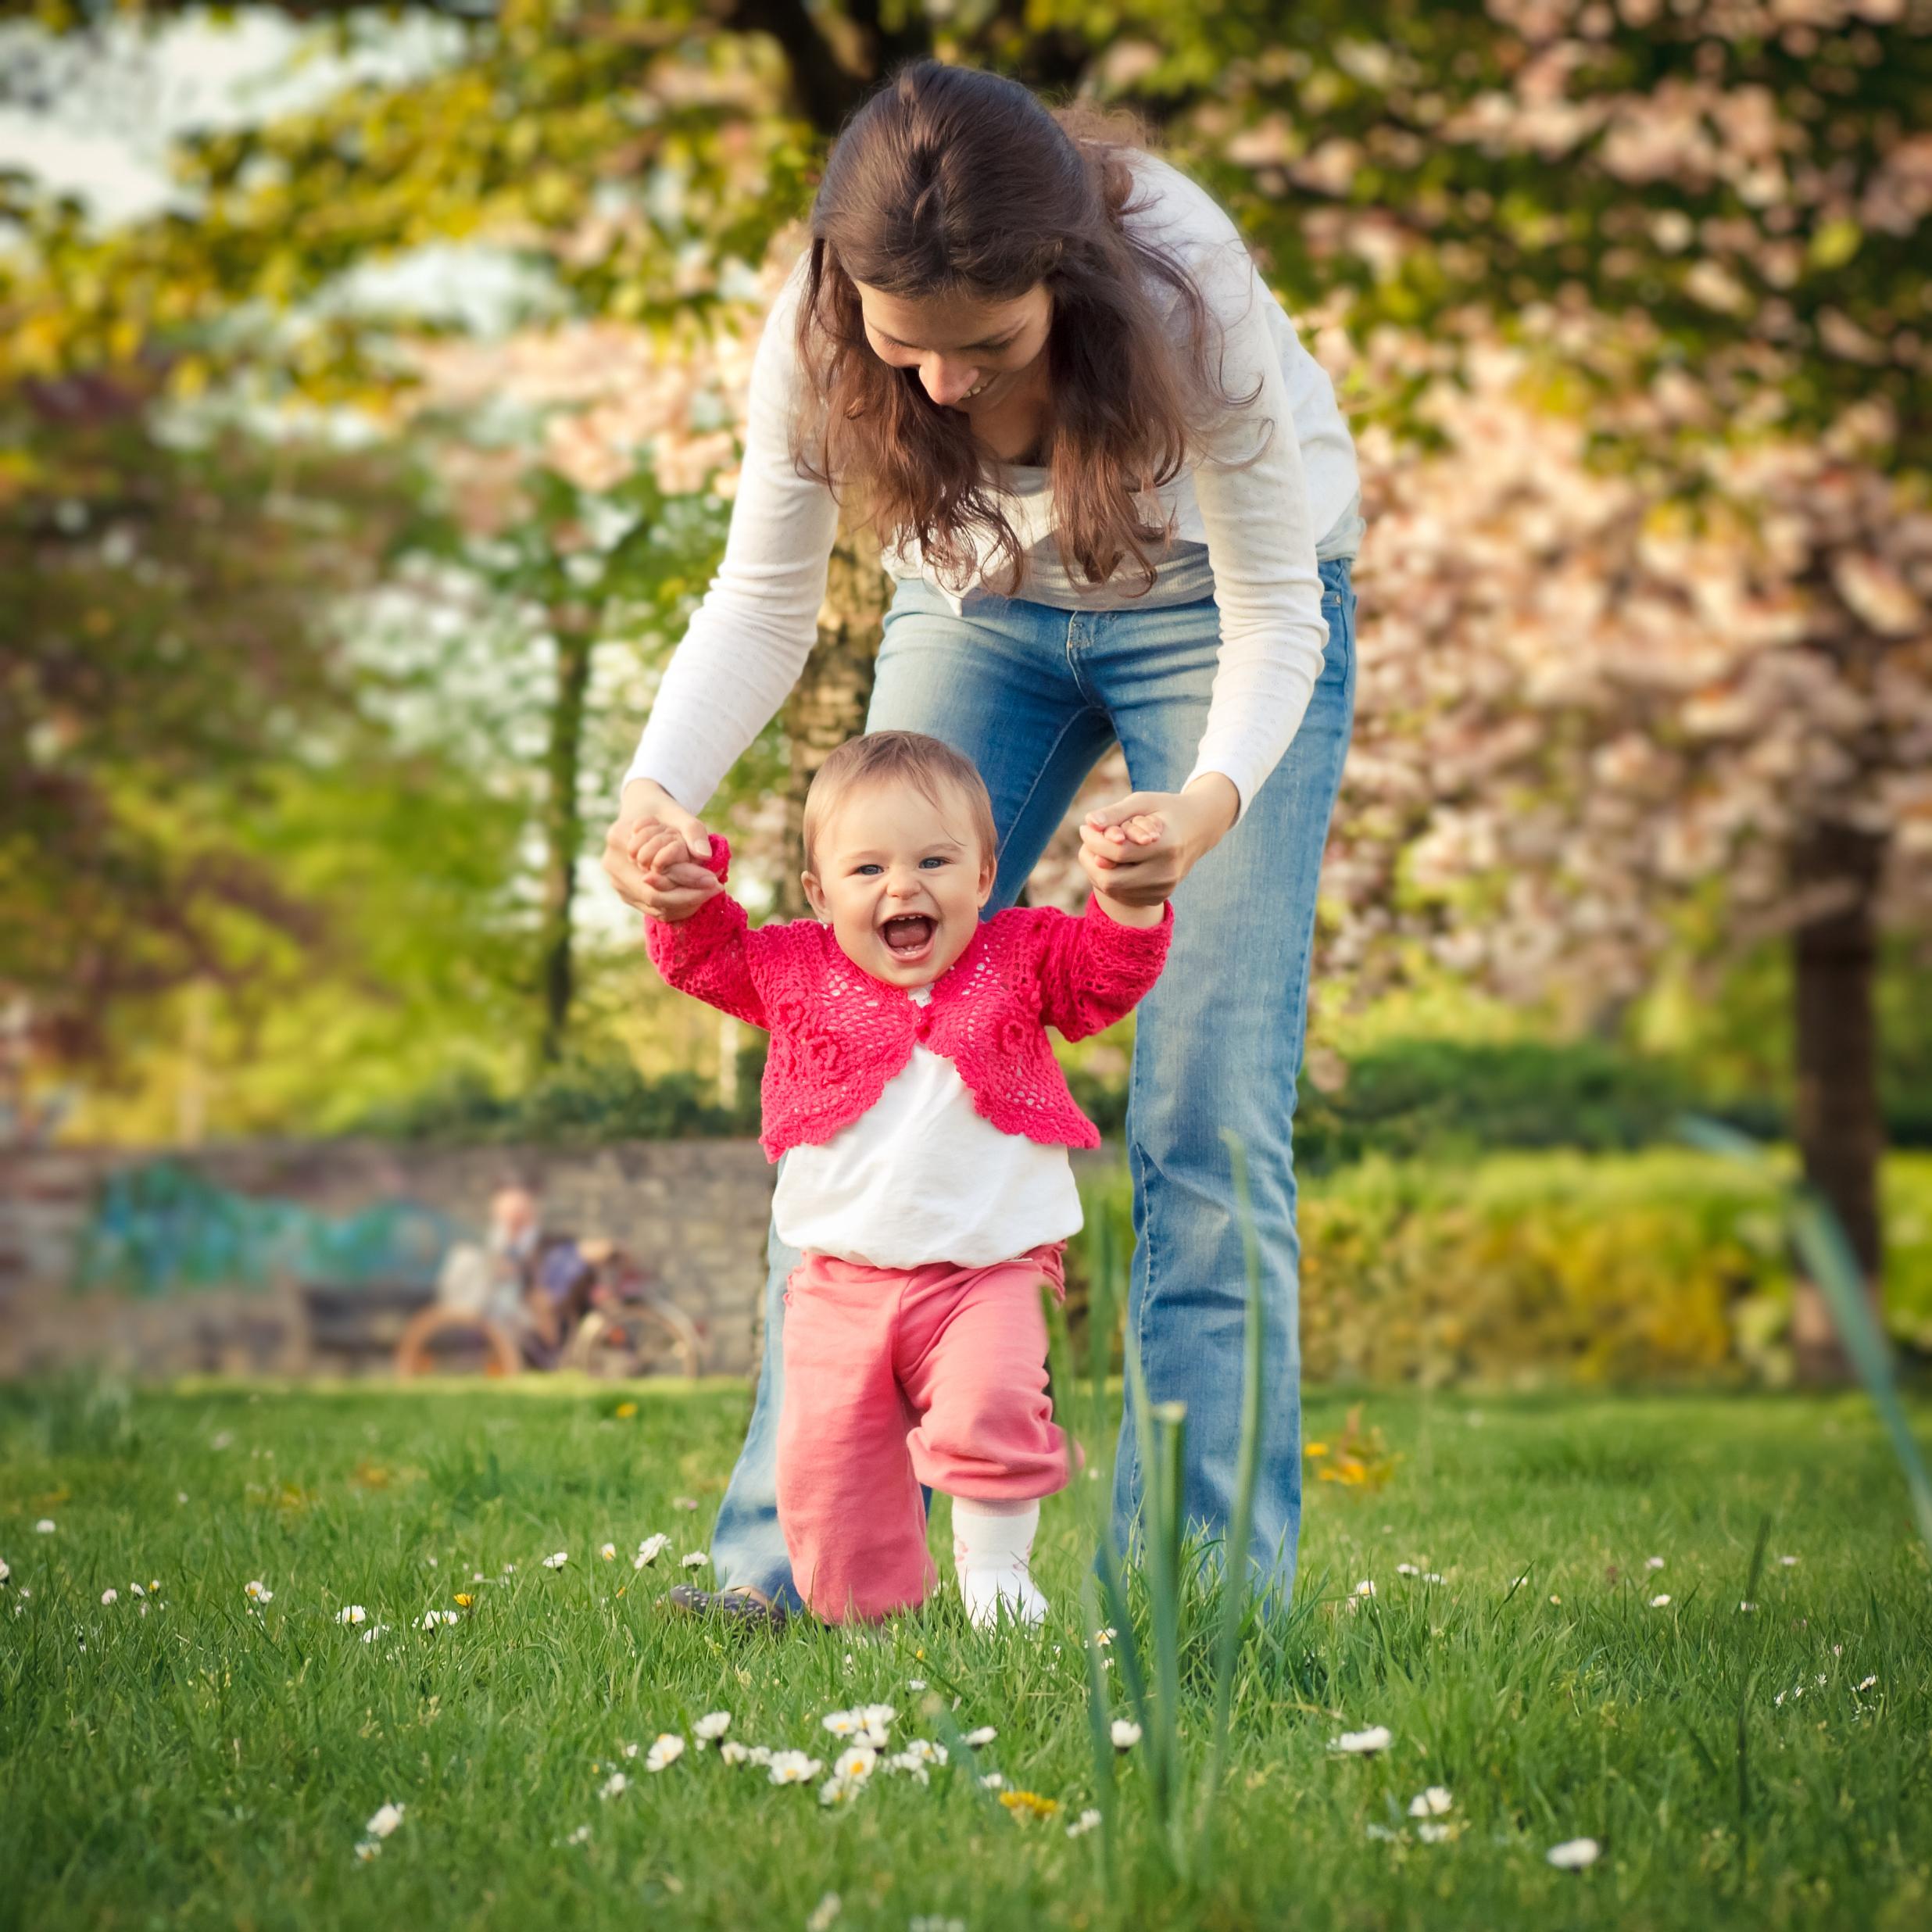 слов выяснили, фото прогулка с детьми нарезали резиновые